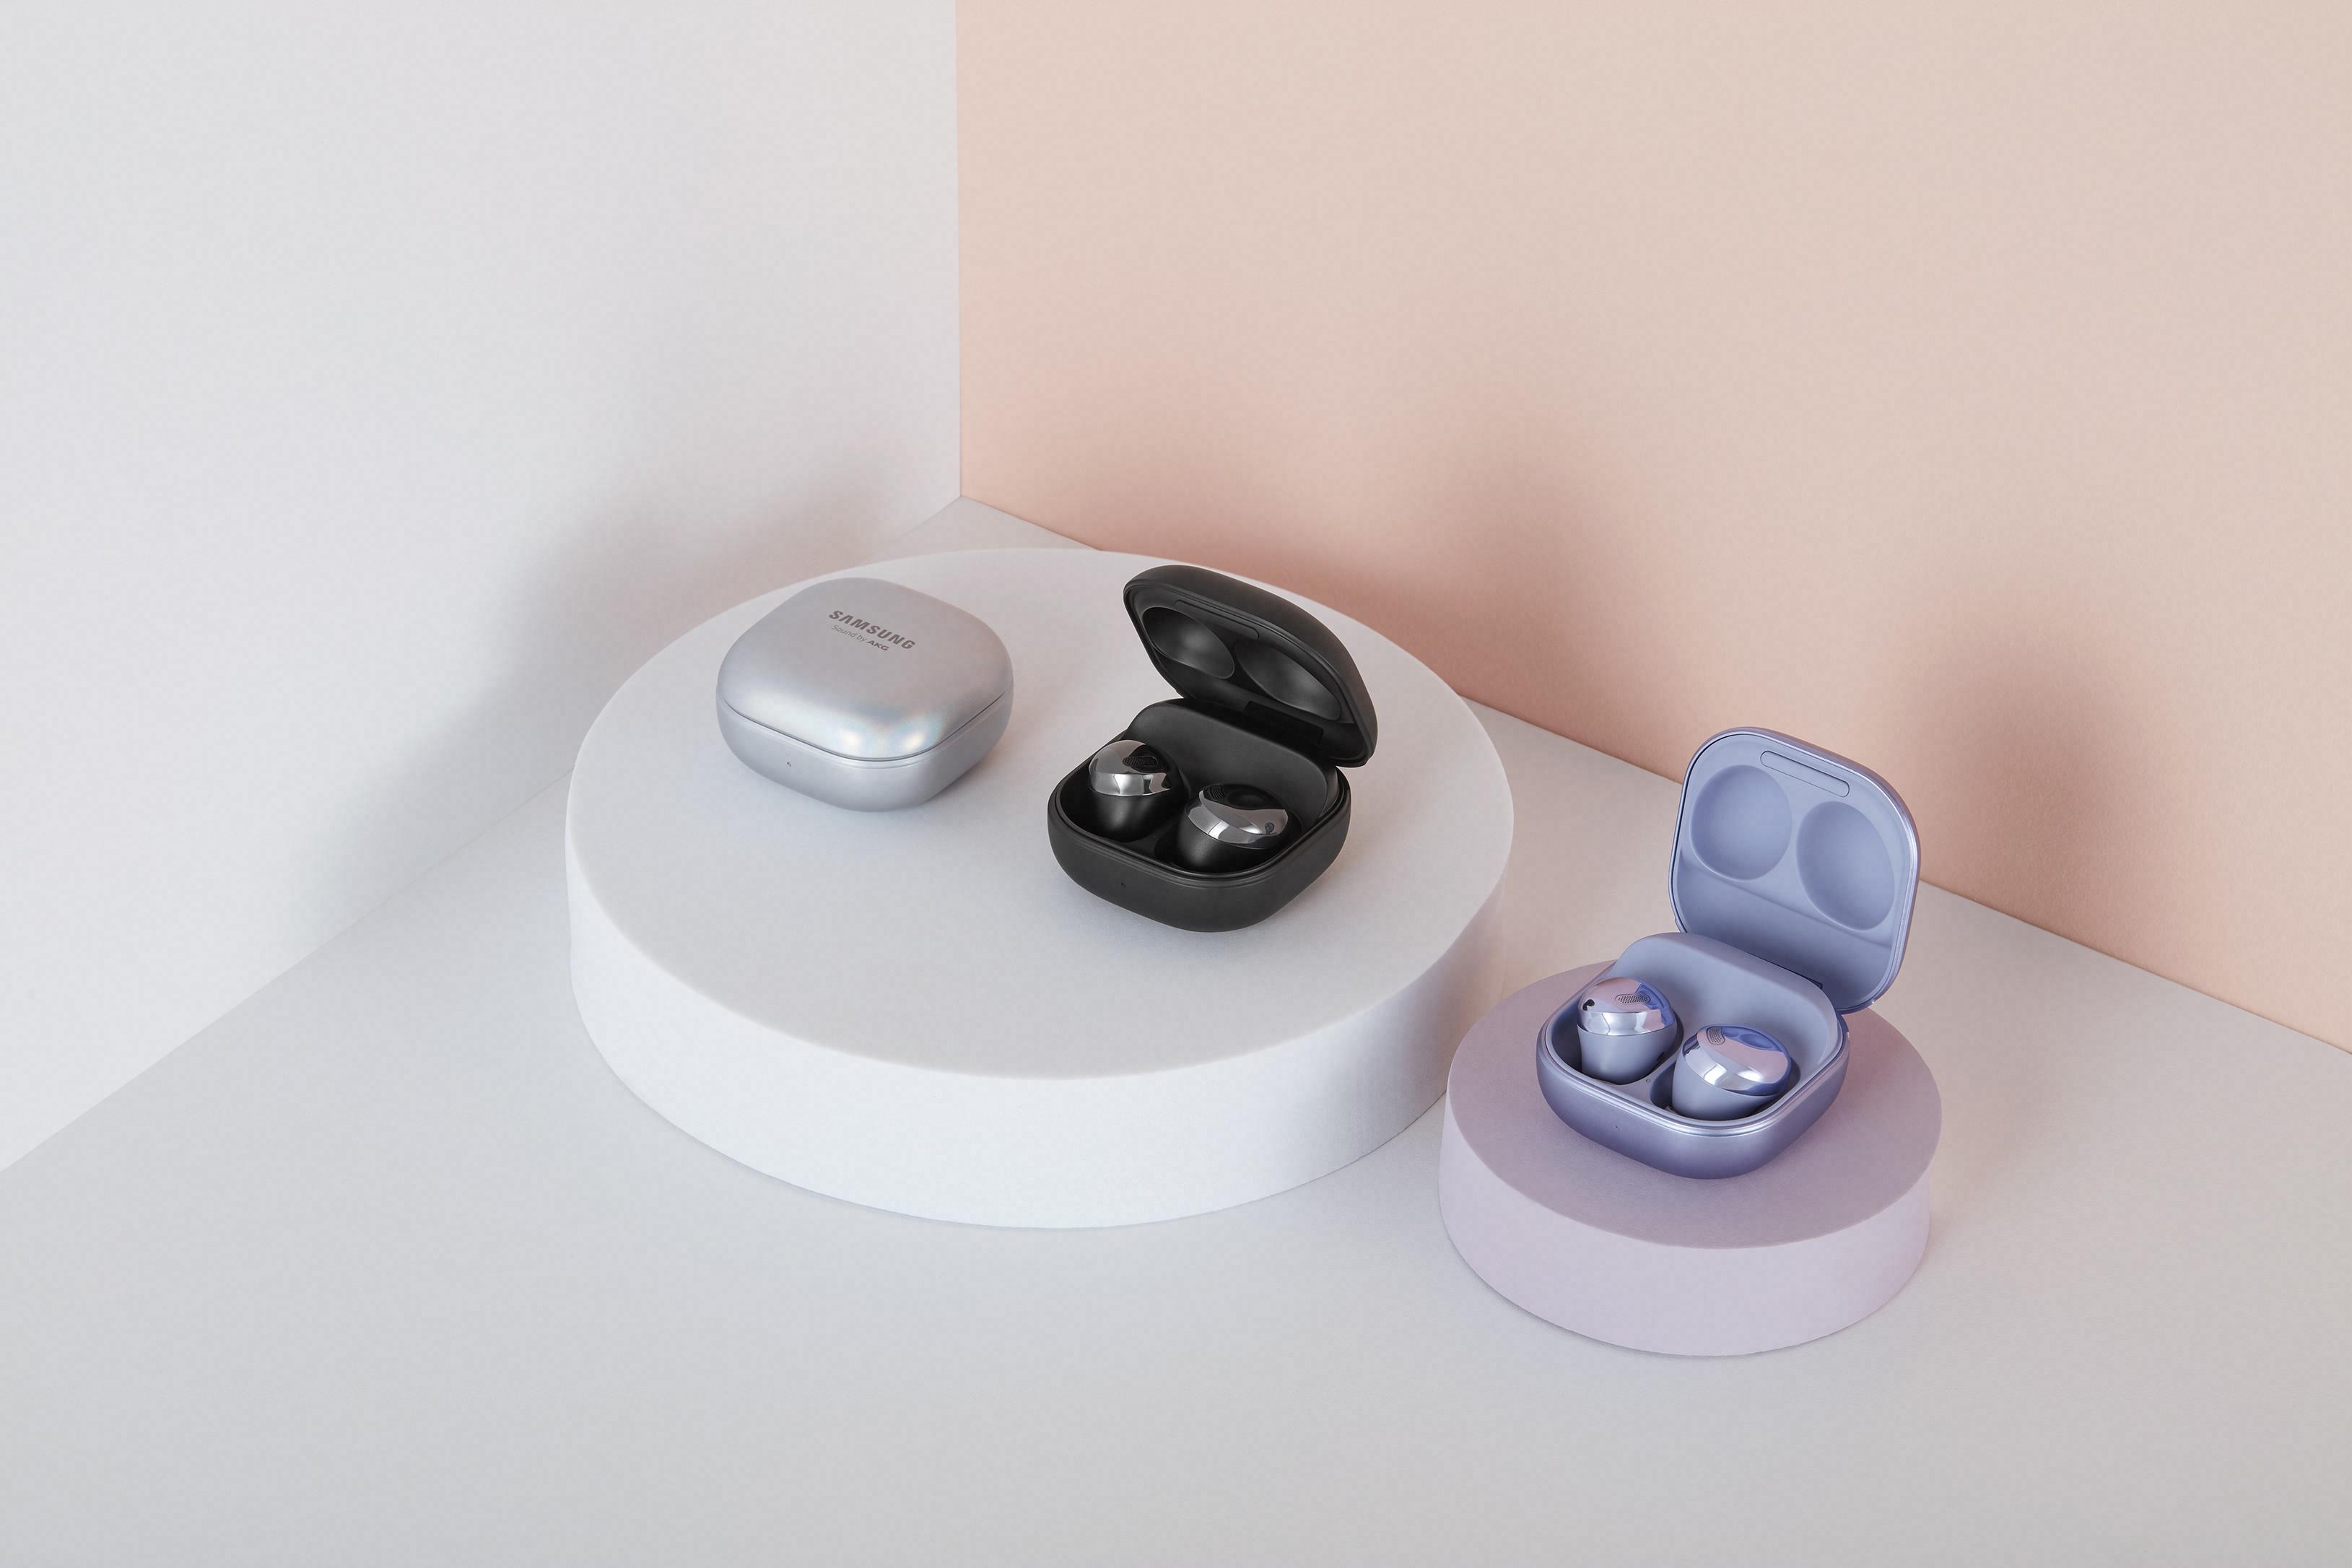 słuchawki bezprzewodowe Samsung Galaxy Buds Pro cena opinie gdzie kupić najtaniej w Polsce nowe funkcje